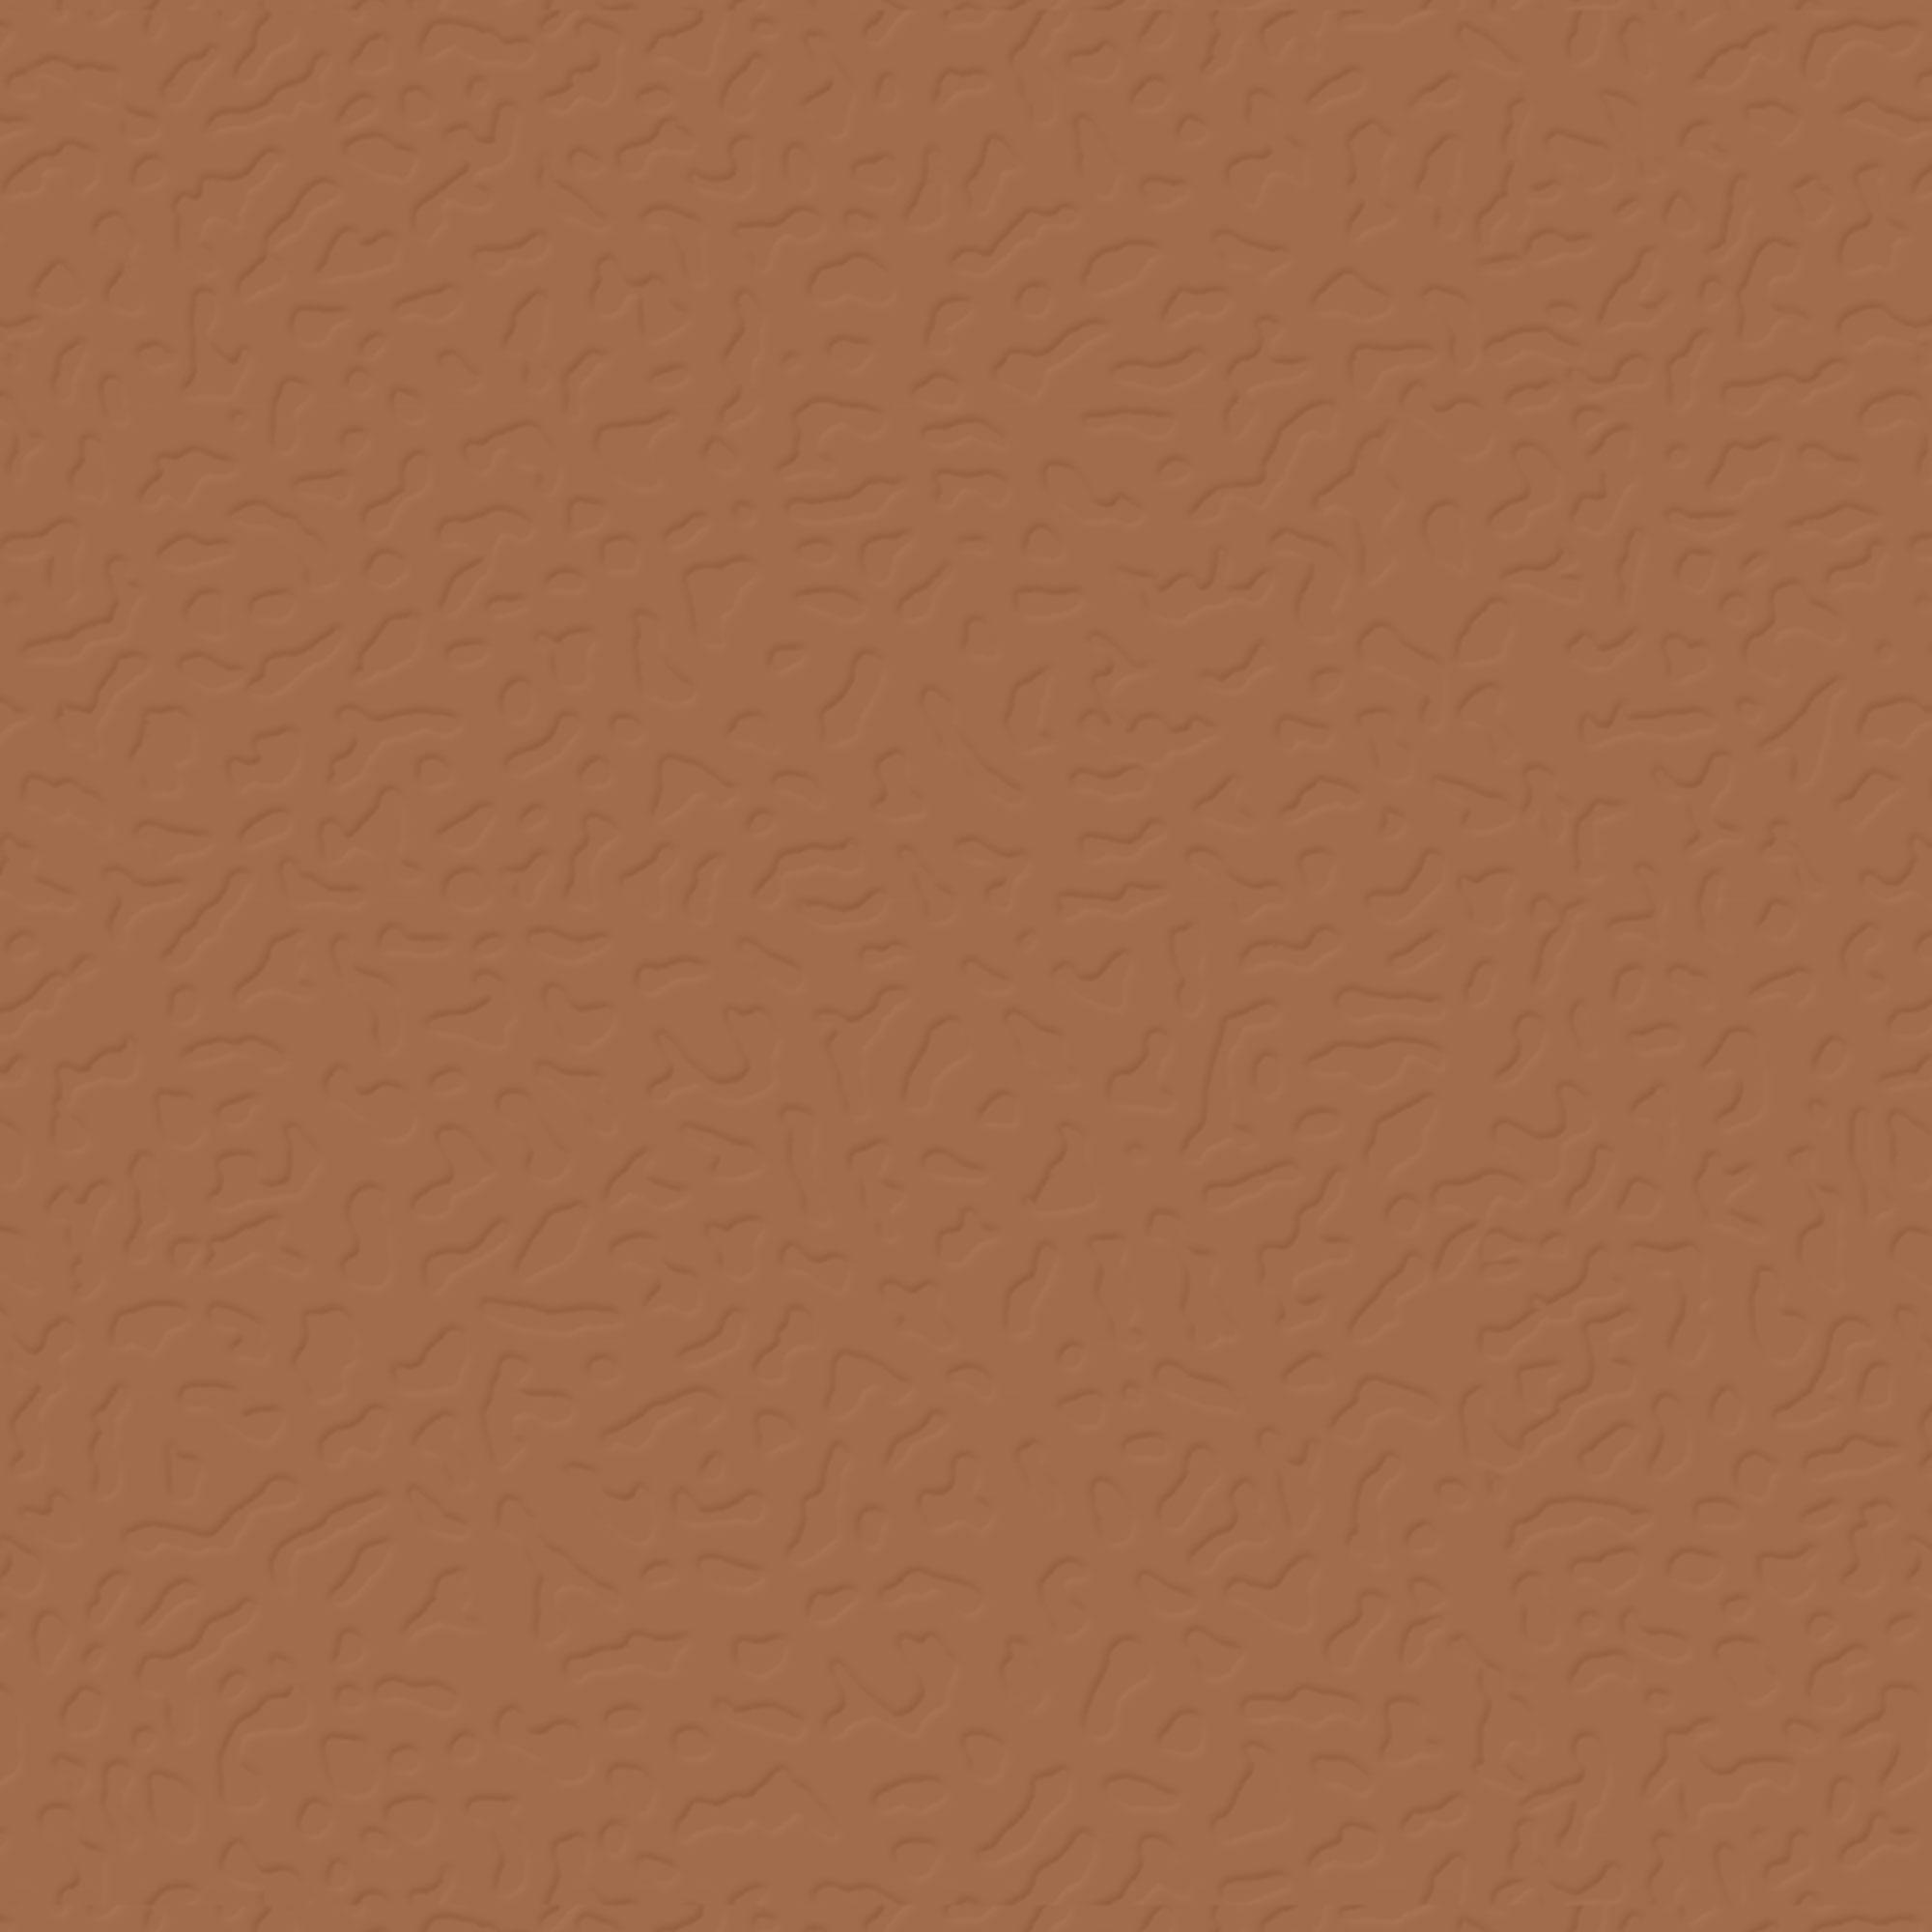 Roppe Rubber Tile 900 - Hammered Design (995) Terracotta Rubber Flooring